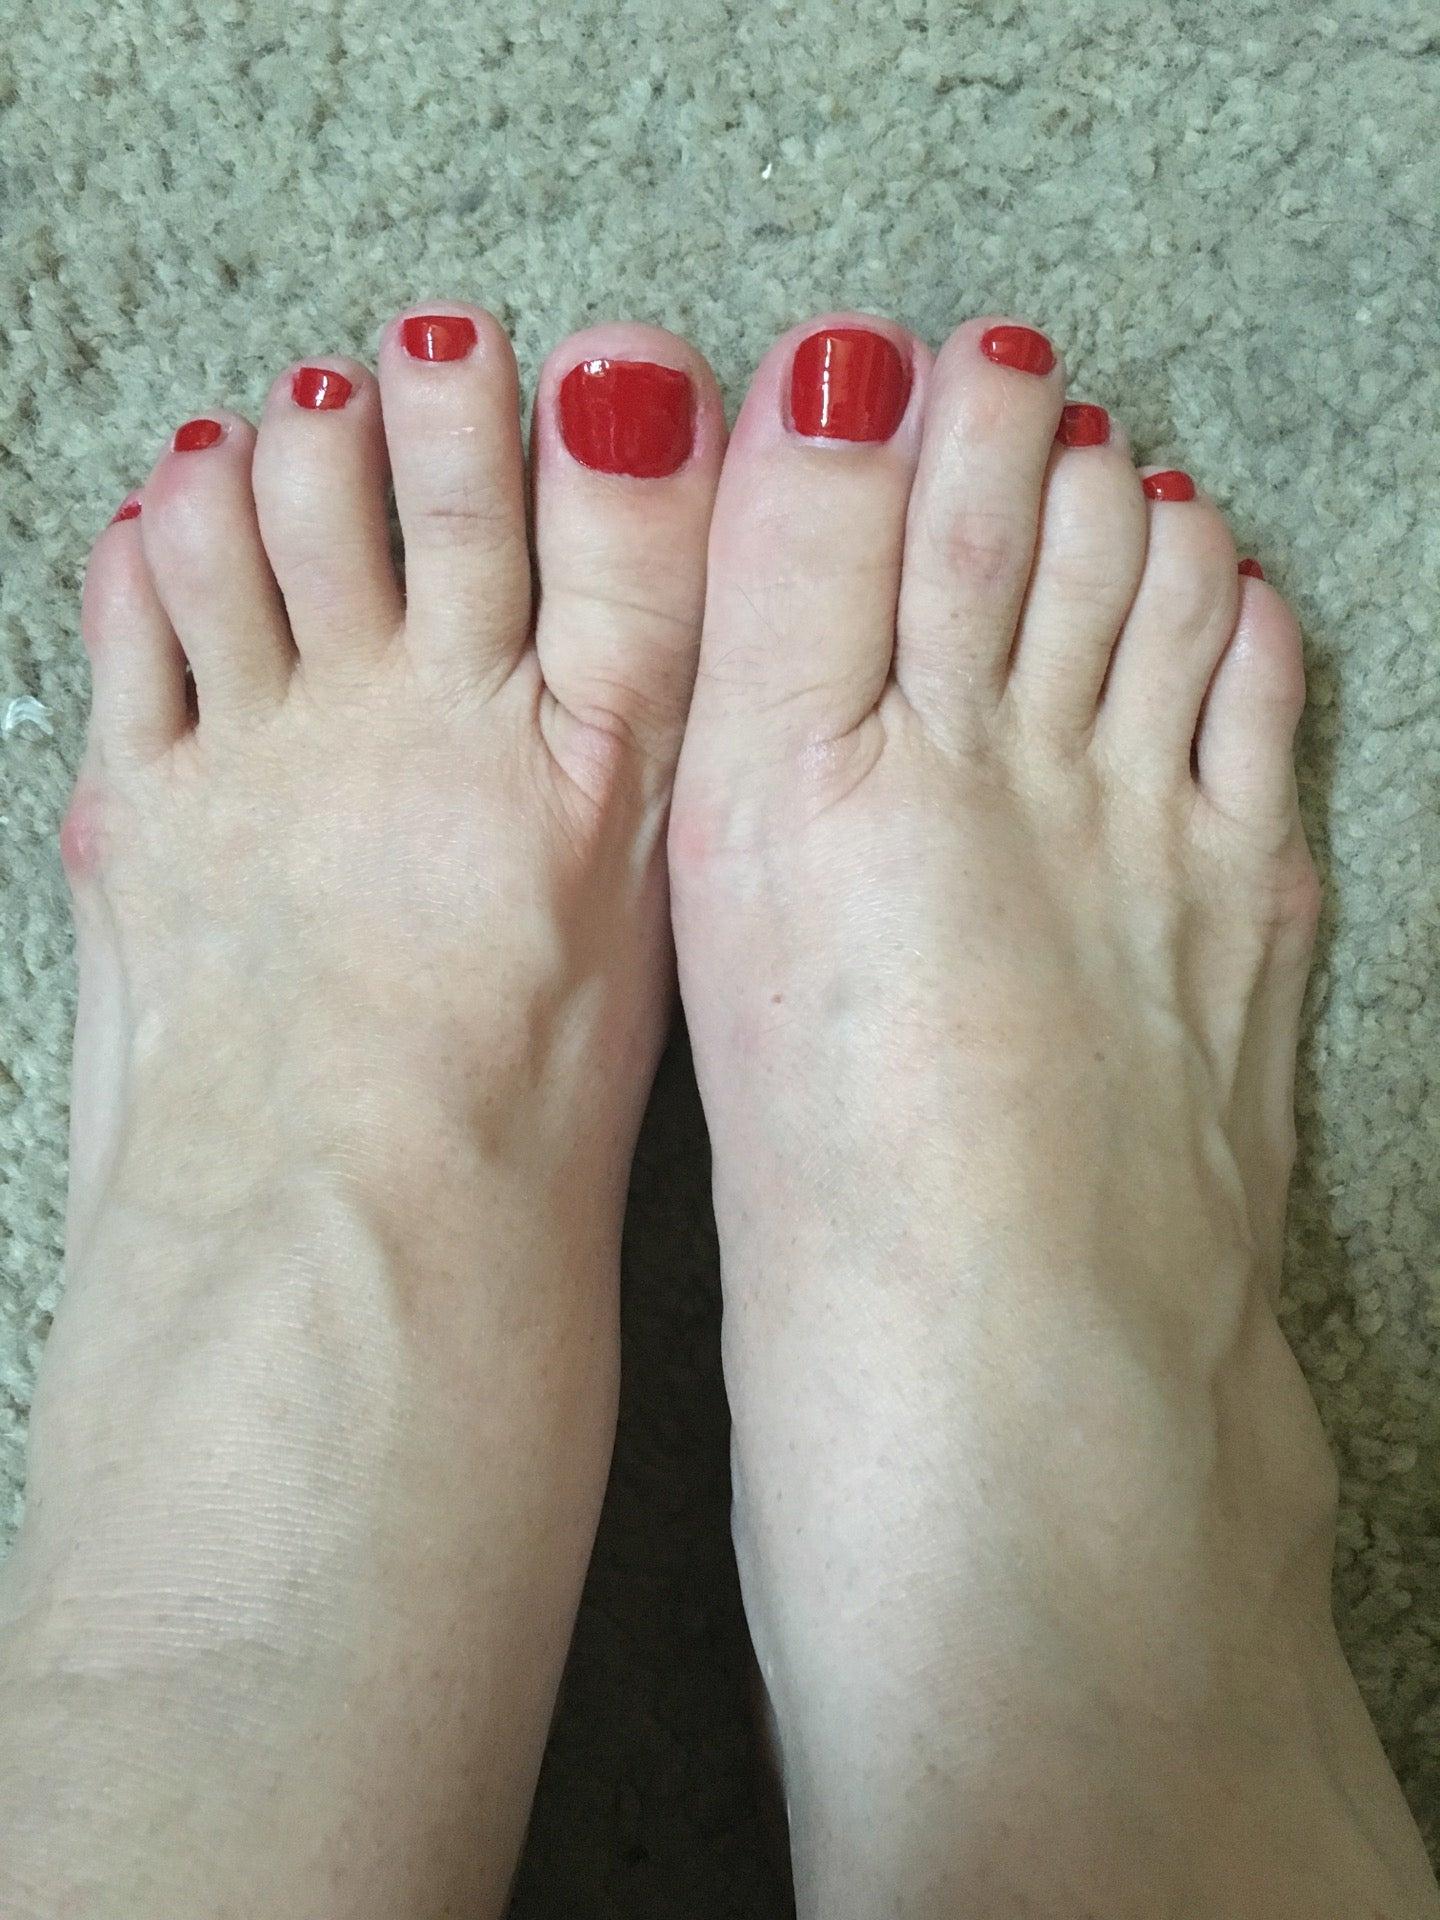 Debonairnail and Spa,facials,gel nails,nails,pedicure & manicure,pint & while nails,wax